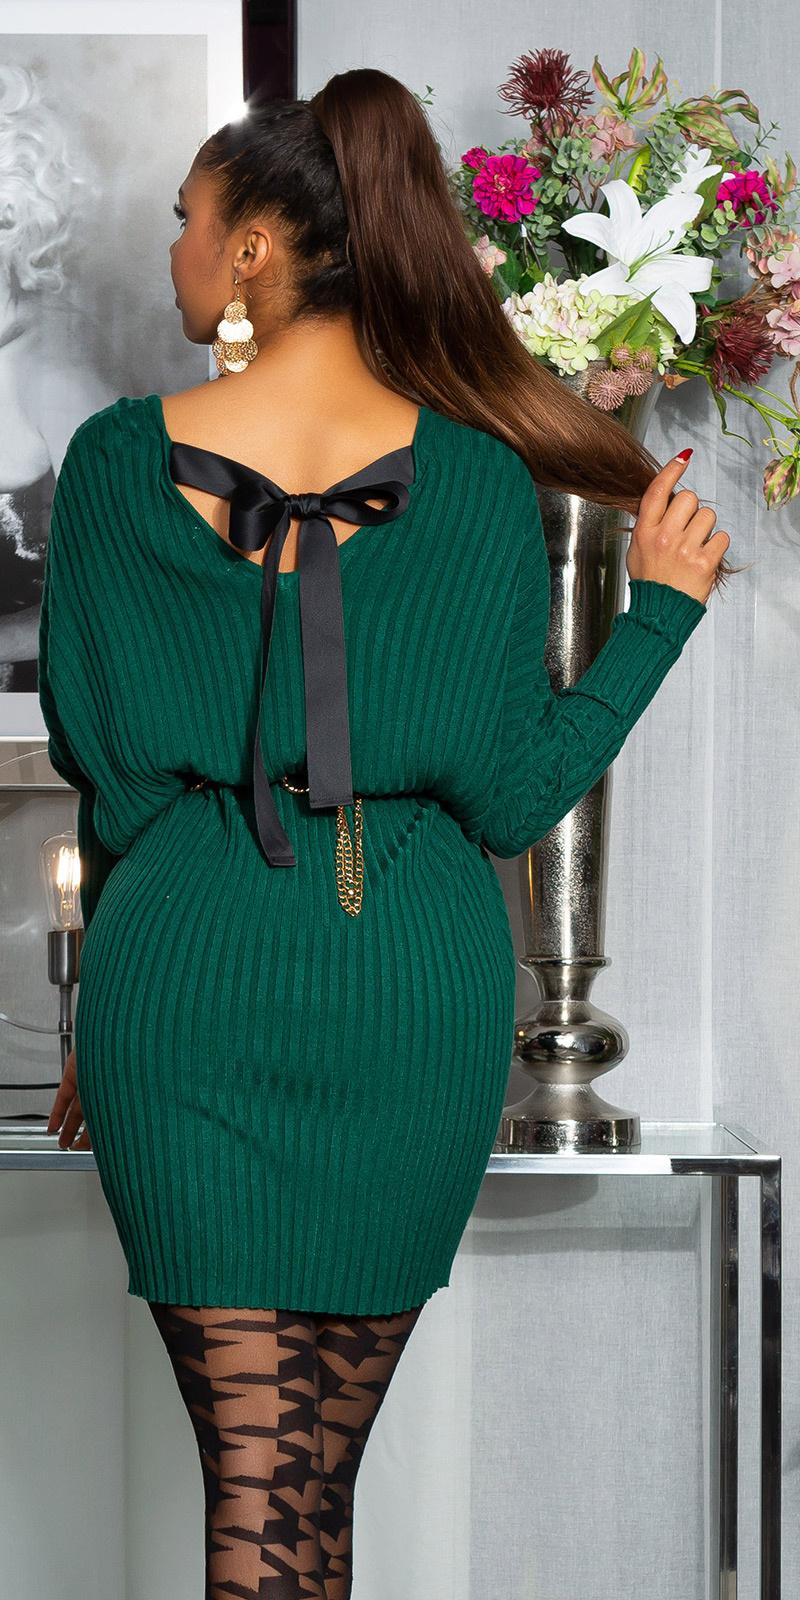 Sexy oversized gebreide jurk met lint om vast te binden groen